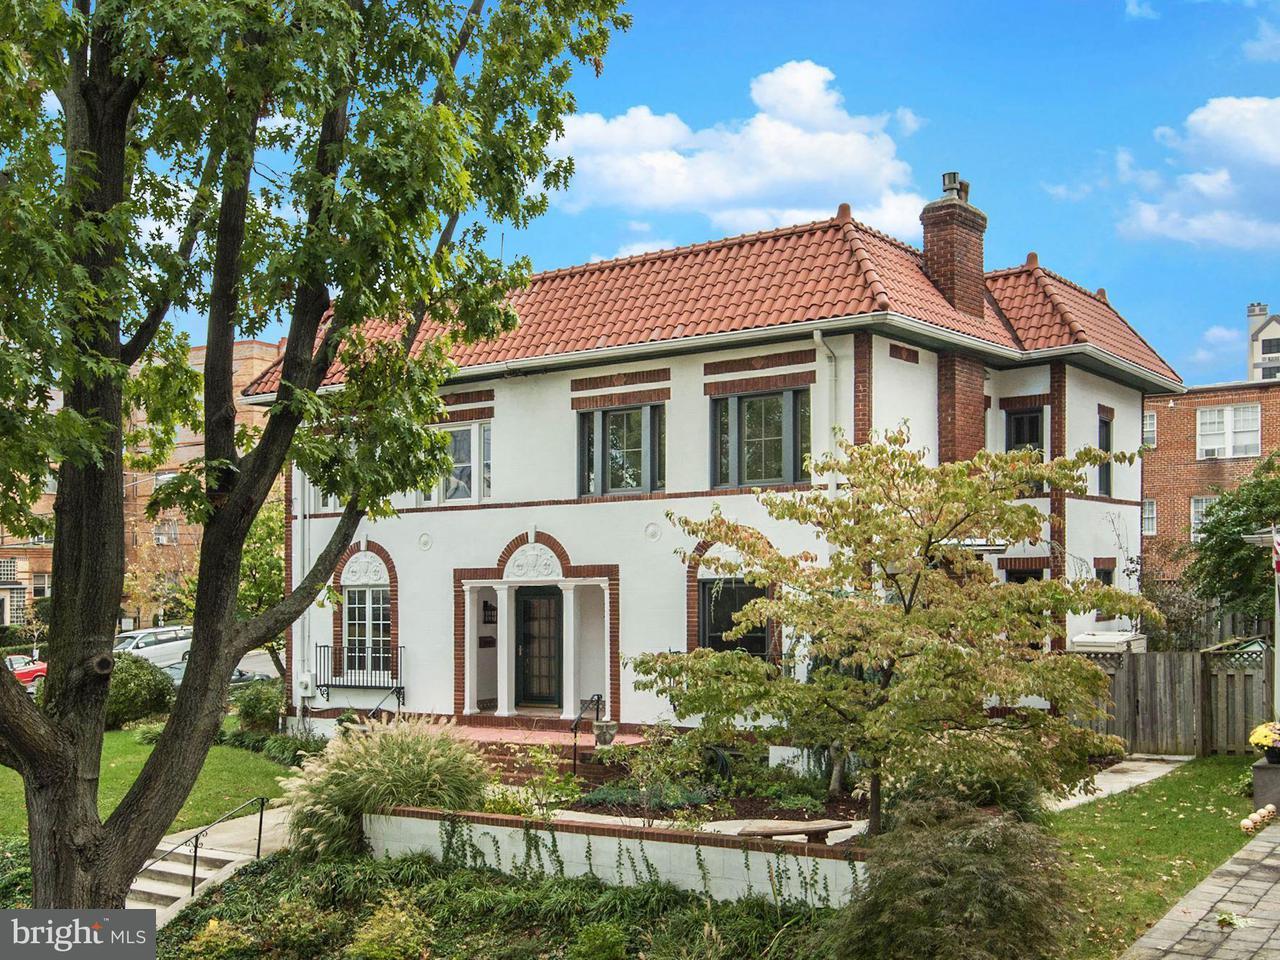 多棟聯建住宅 為 出售 在 3247 38TH ST NW 3247 38TH ST NW Washington, 哥倫比亞特區 20016 美國